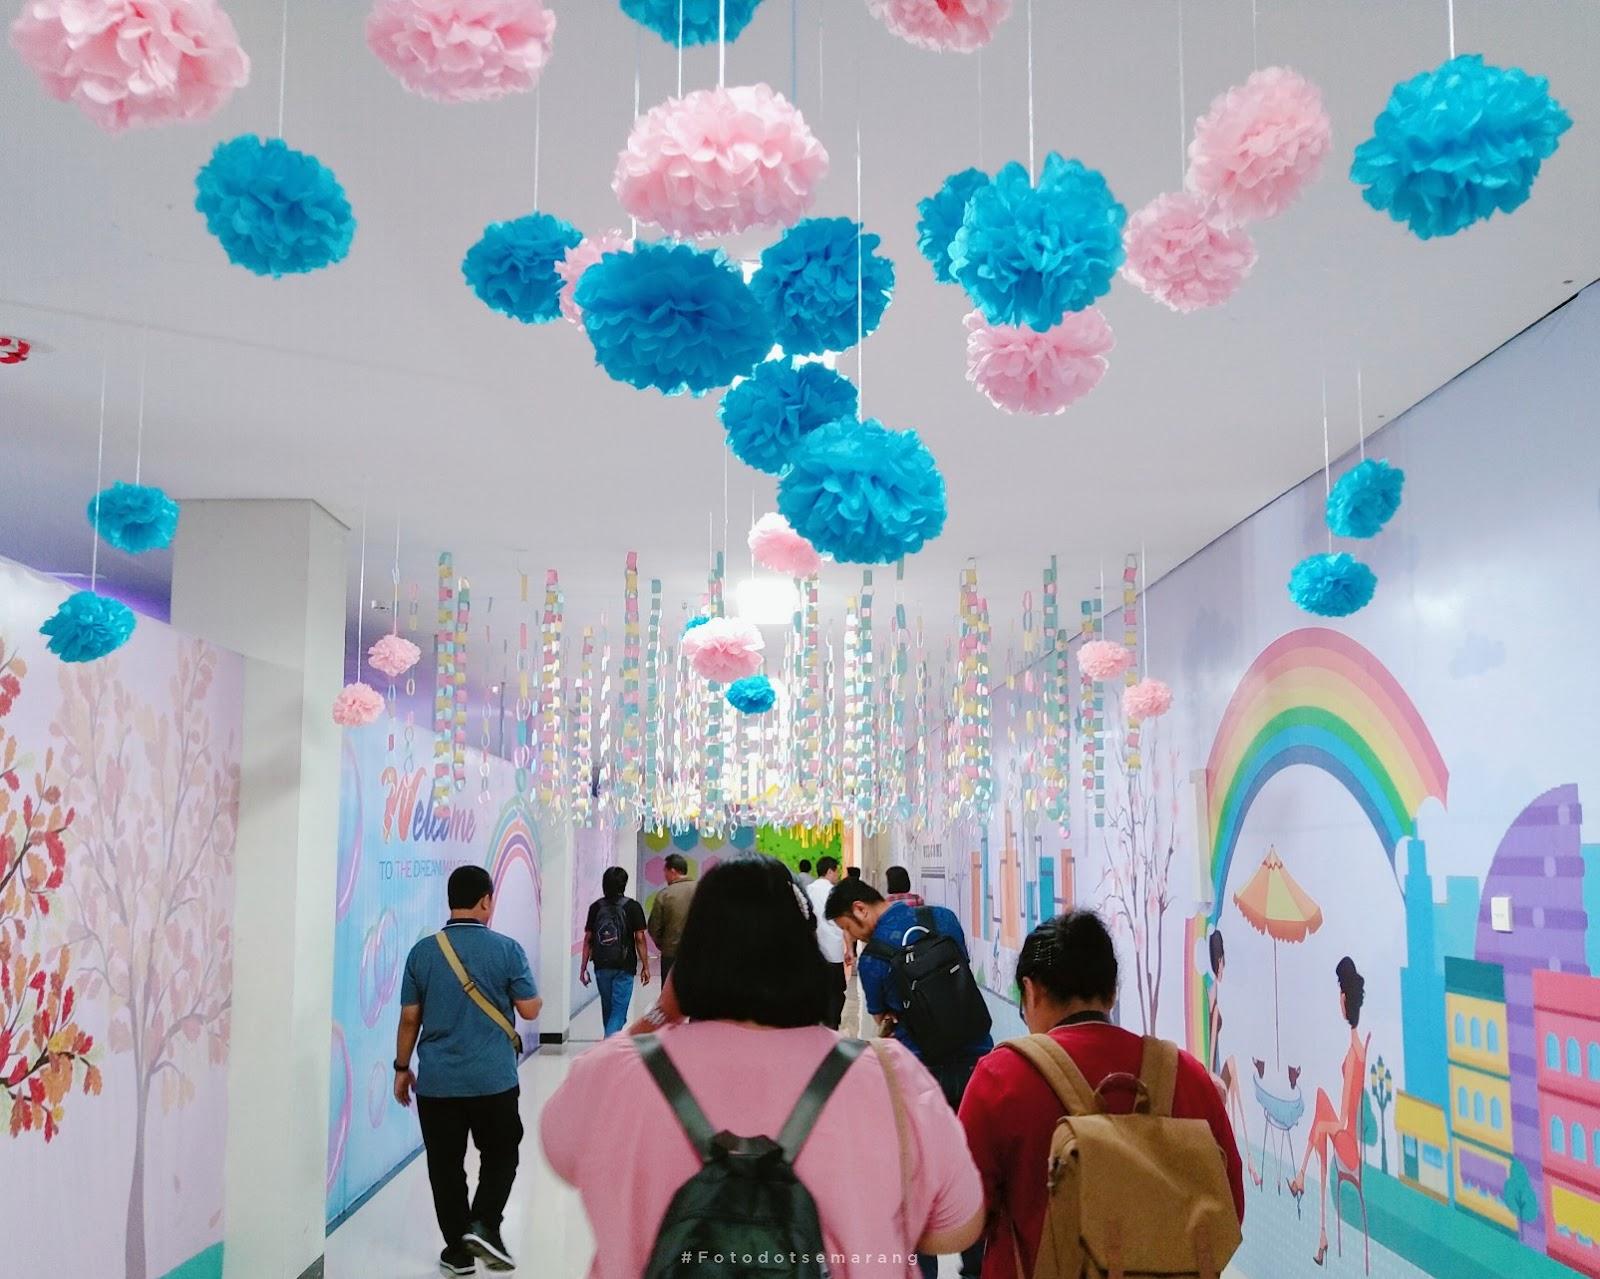 [Photoblog] Seperti Apa 12 Ruangan Foto di Dream Mansion?